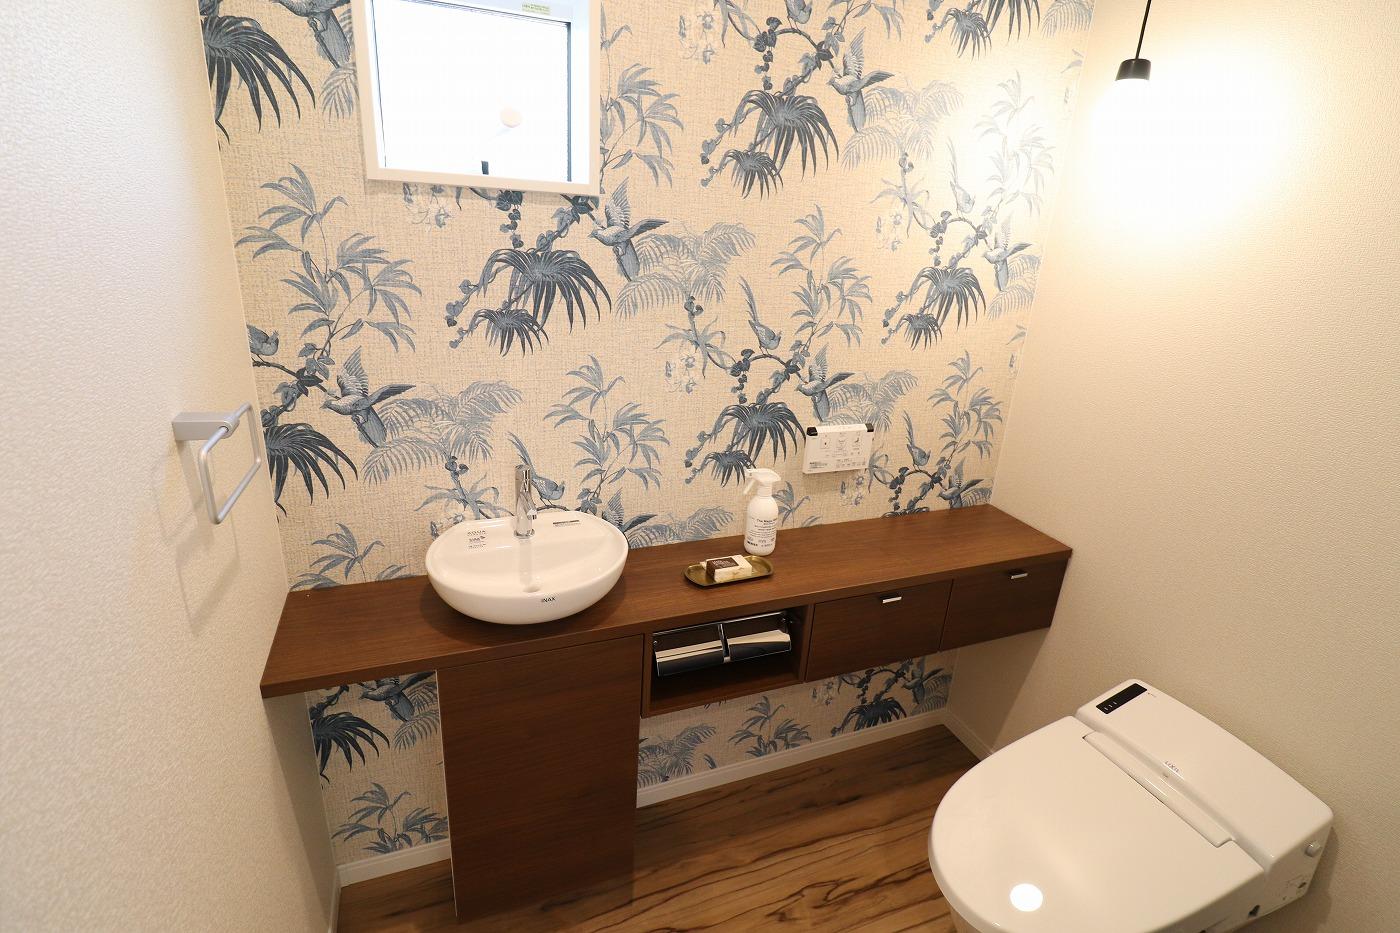 高松市鬼無町の新築分譲住宅平屋のトイレ